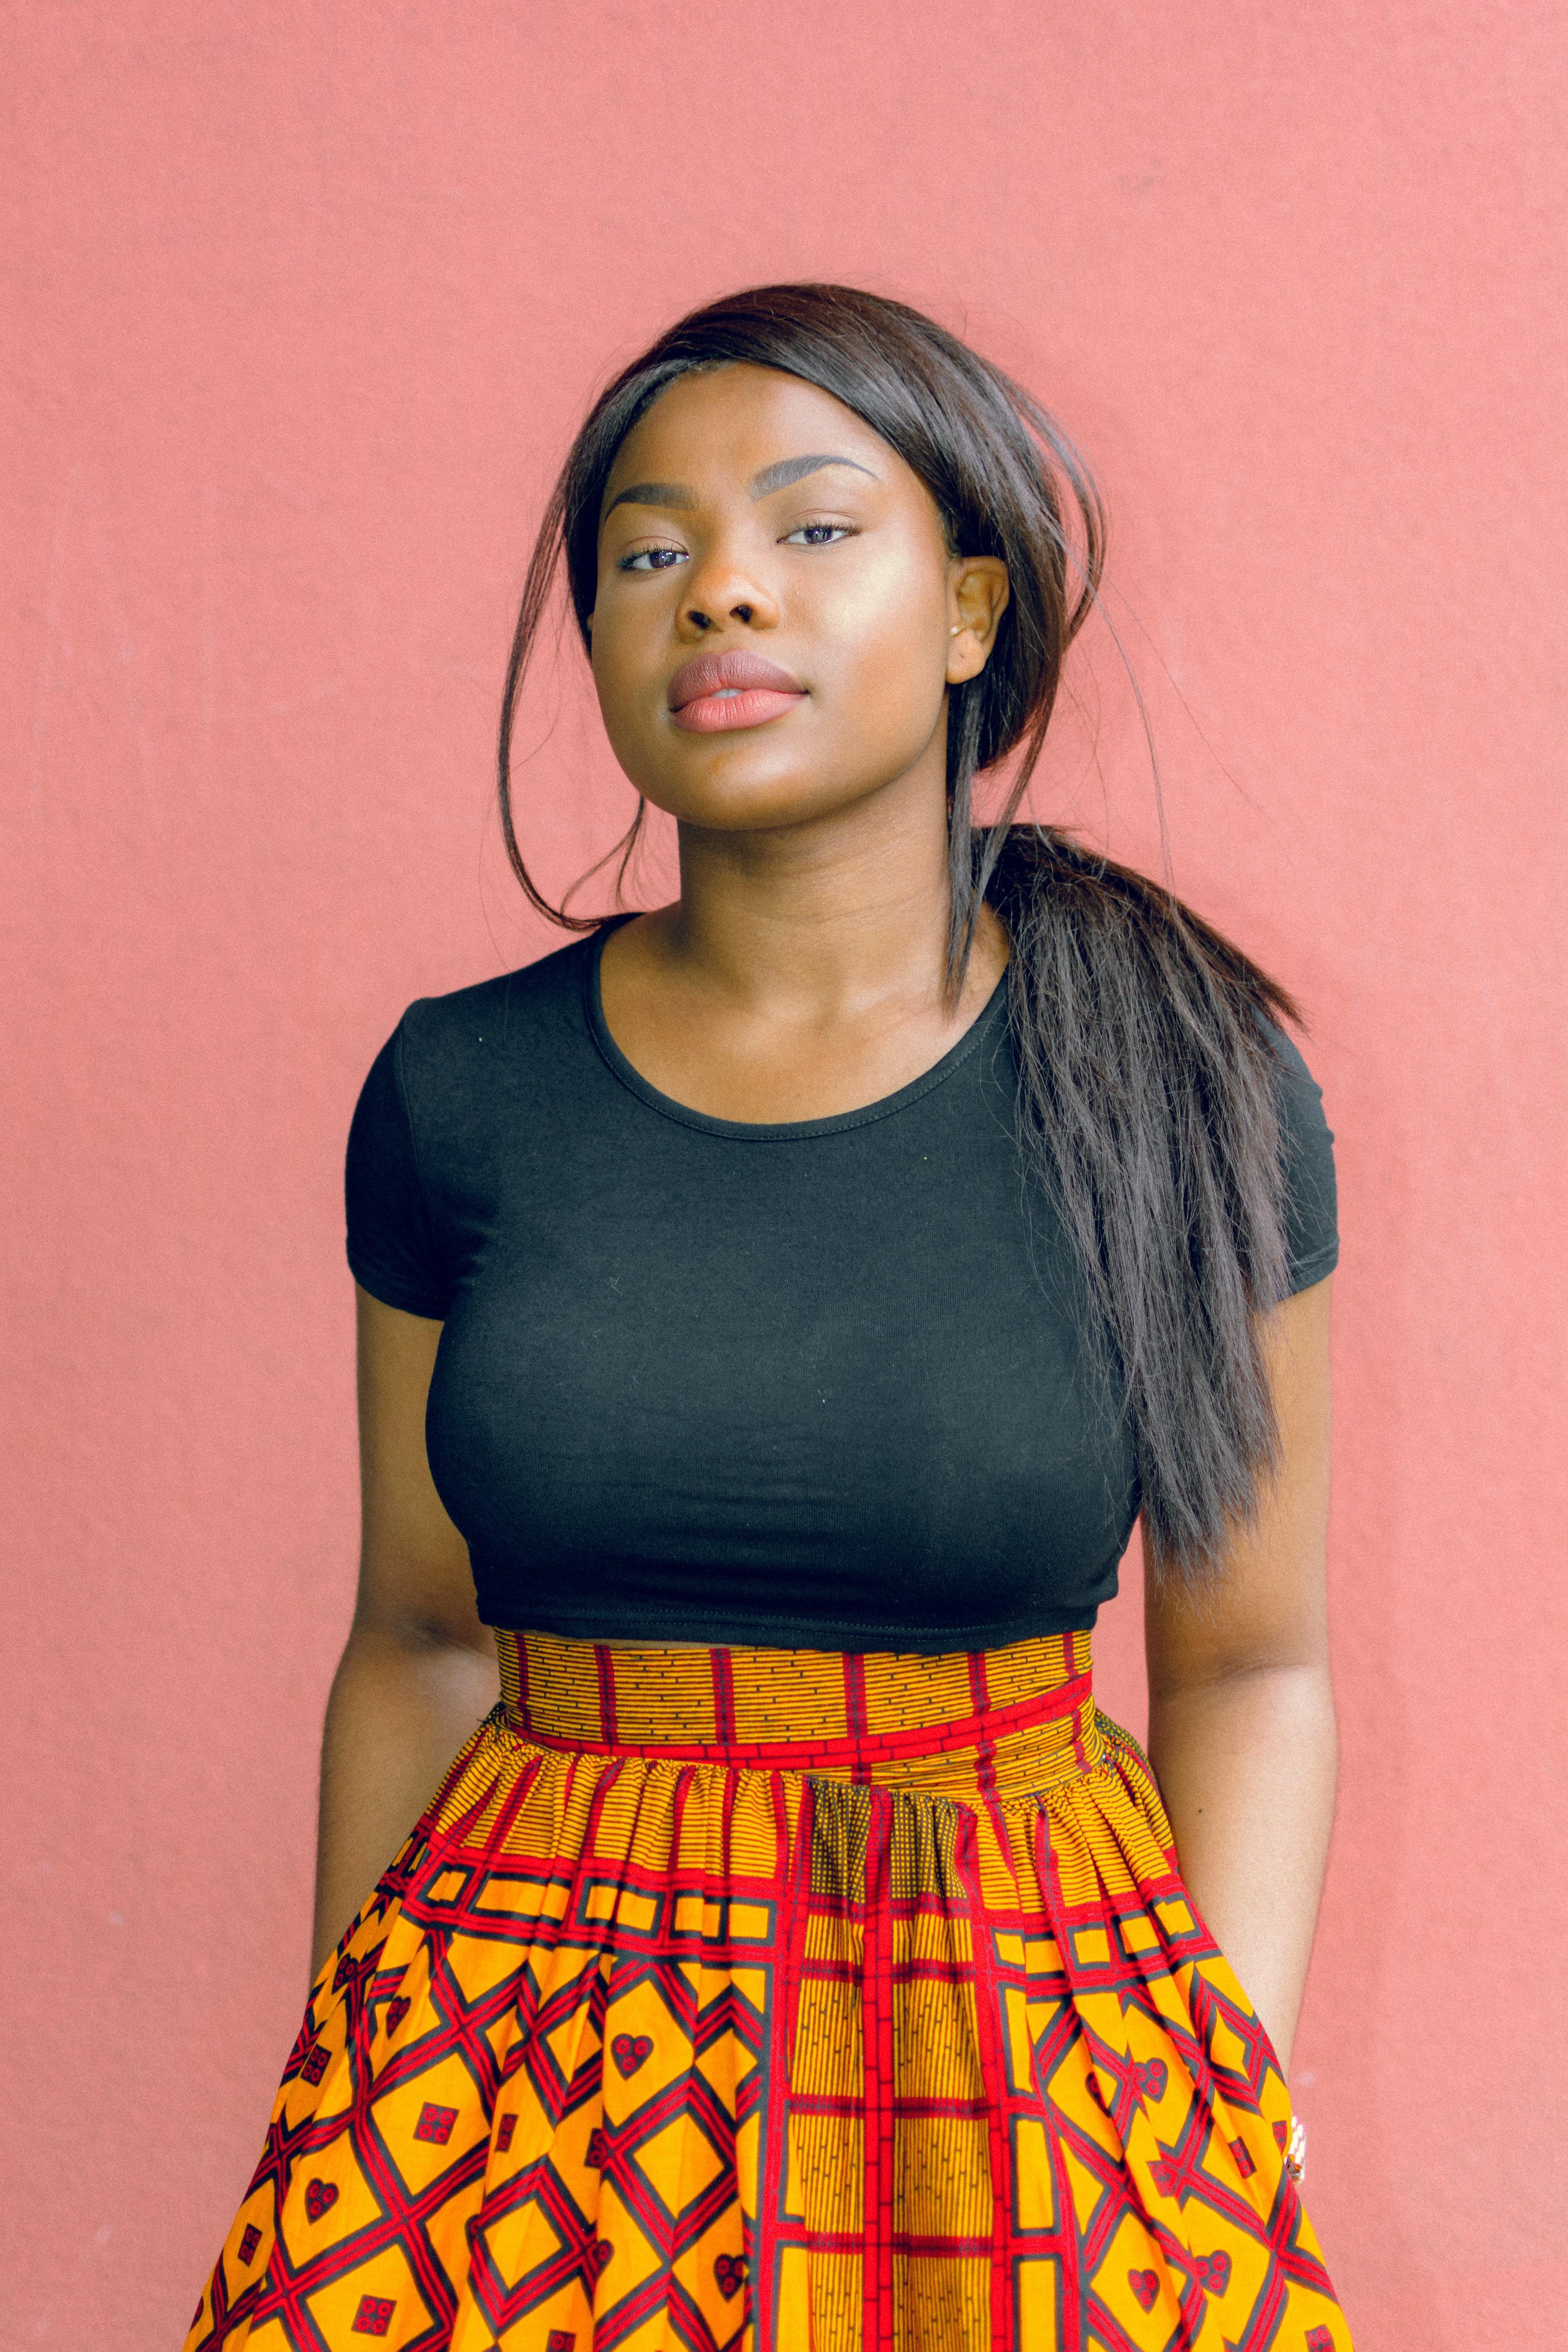 Real ebony girl